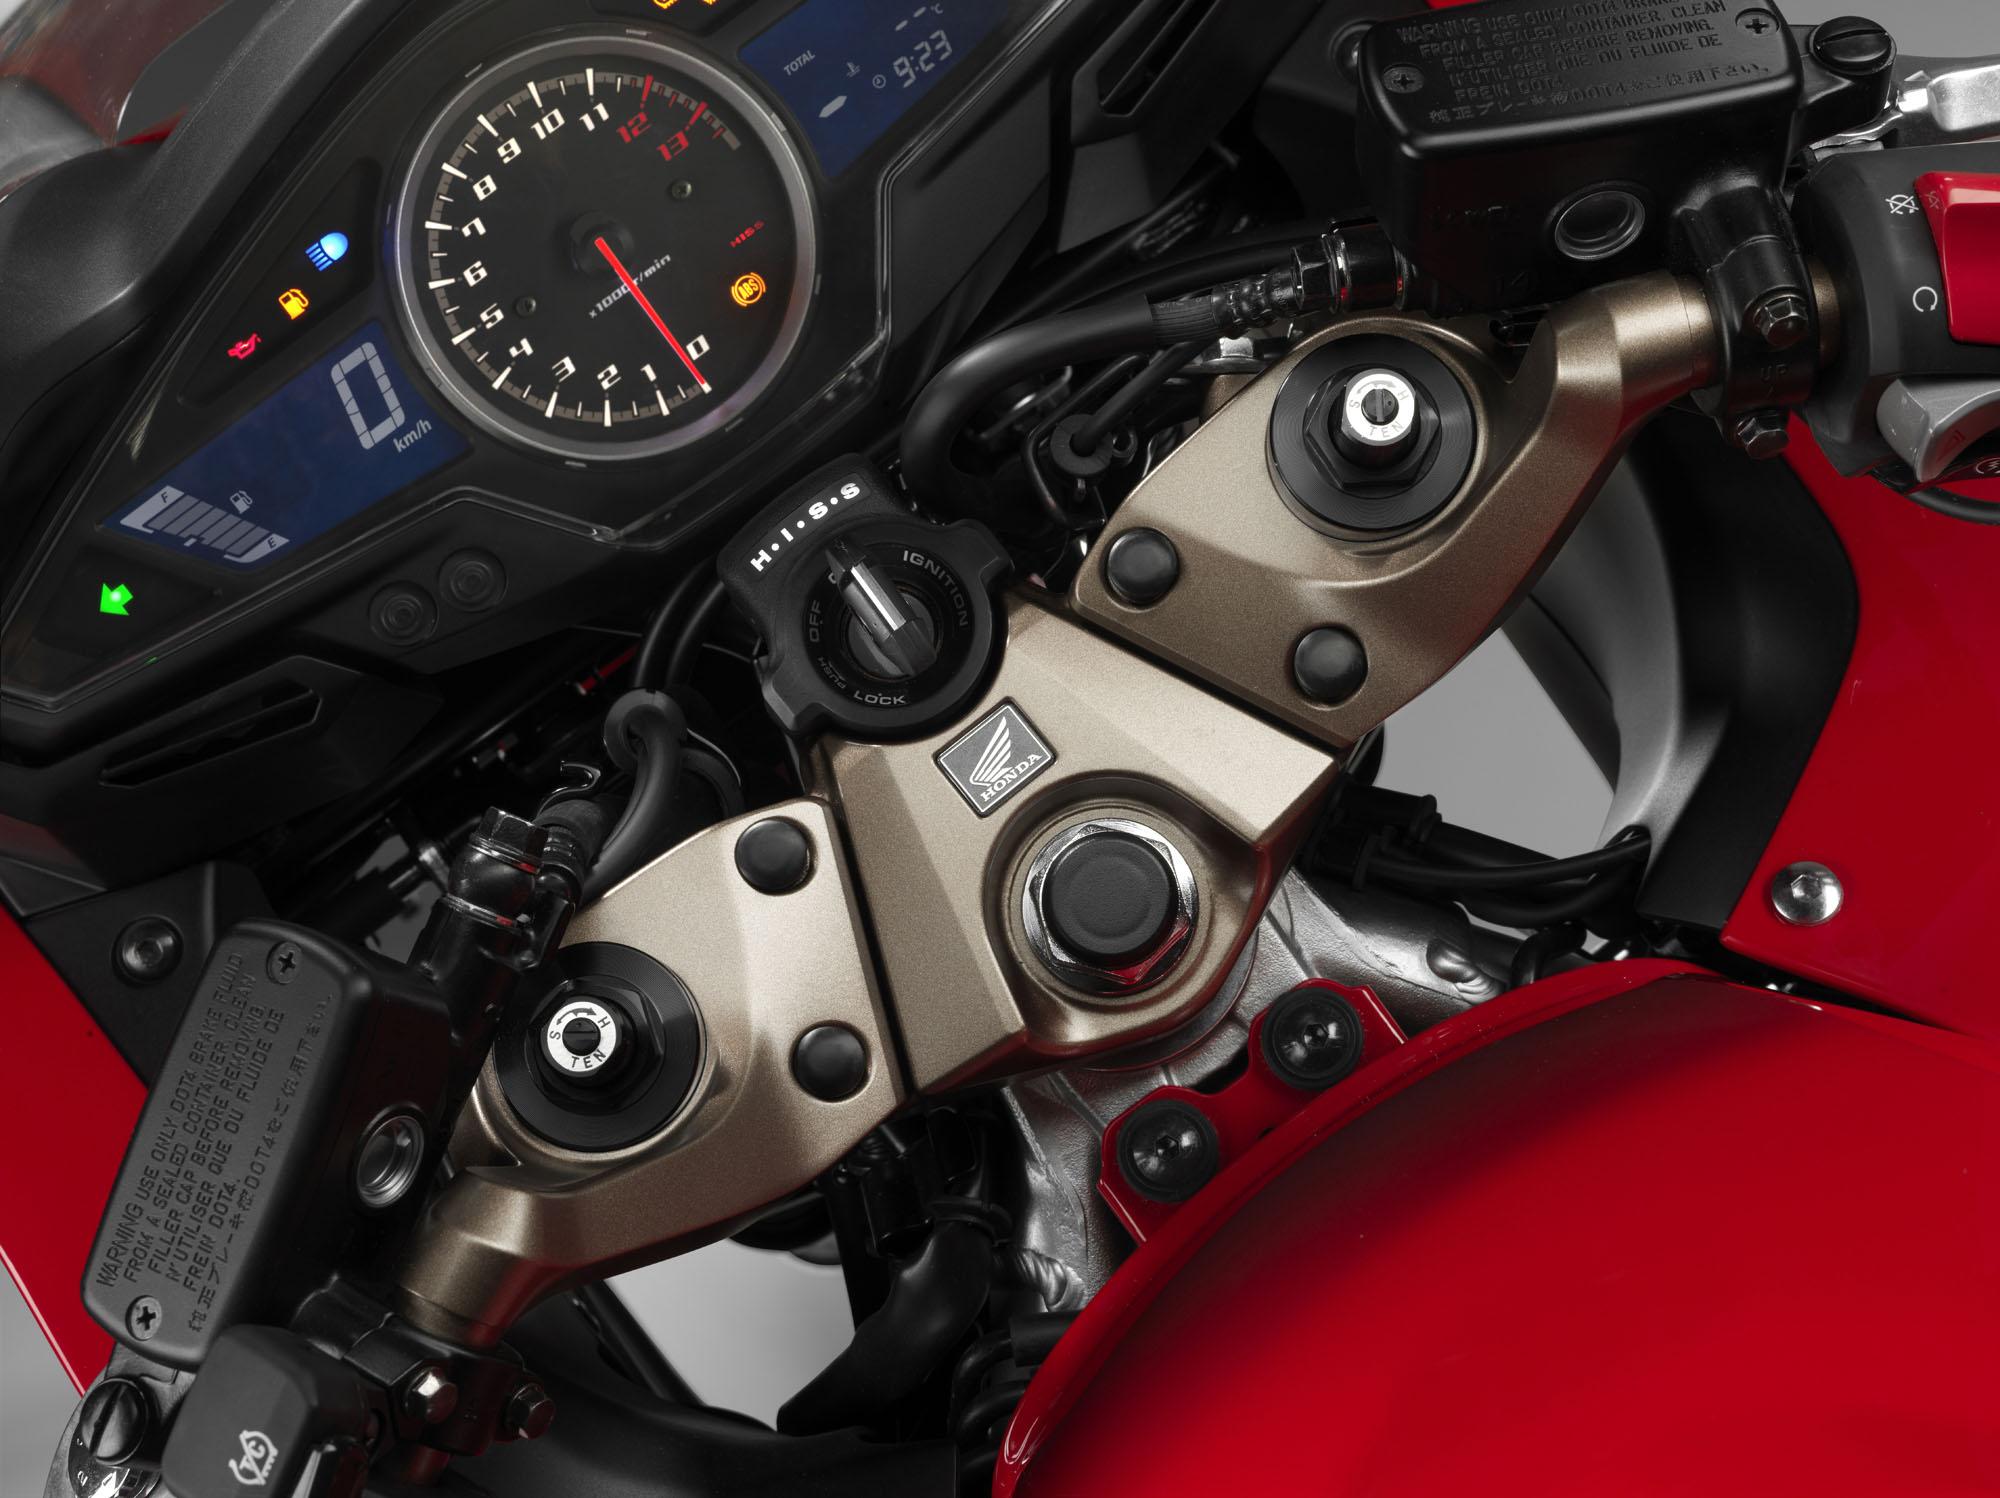 2014 Honda VFR800F